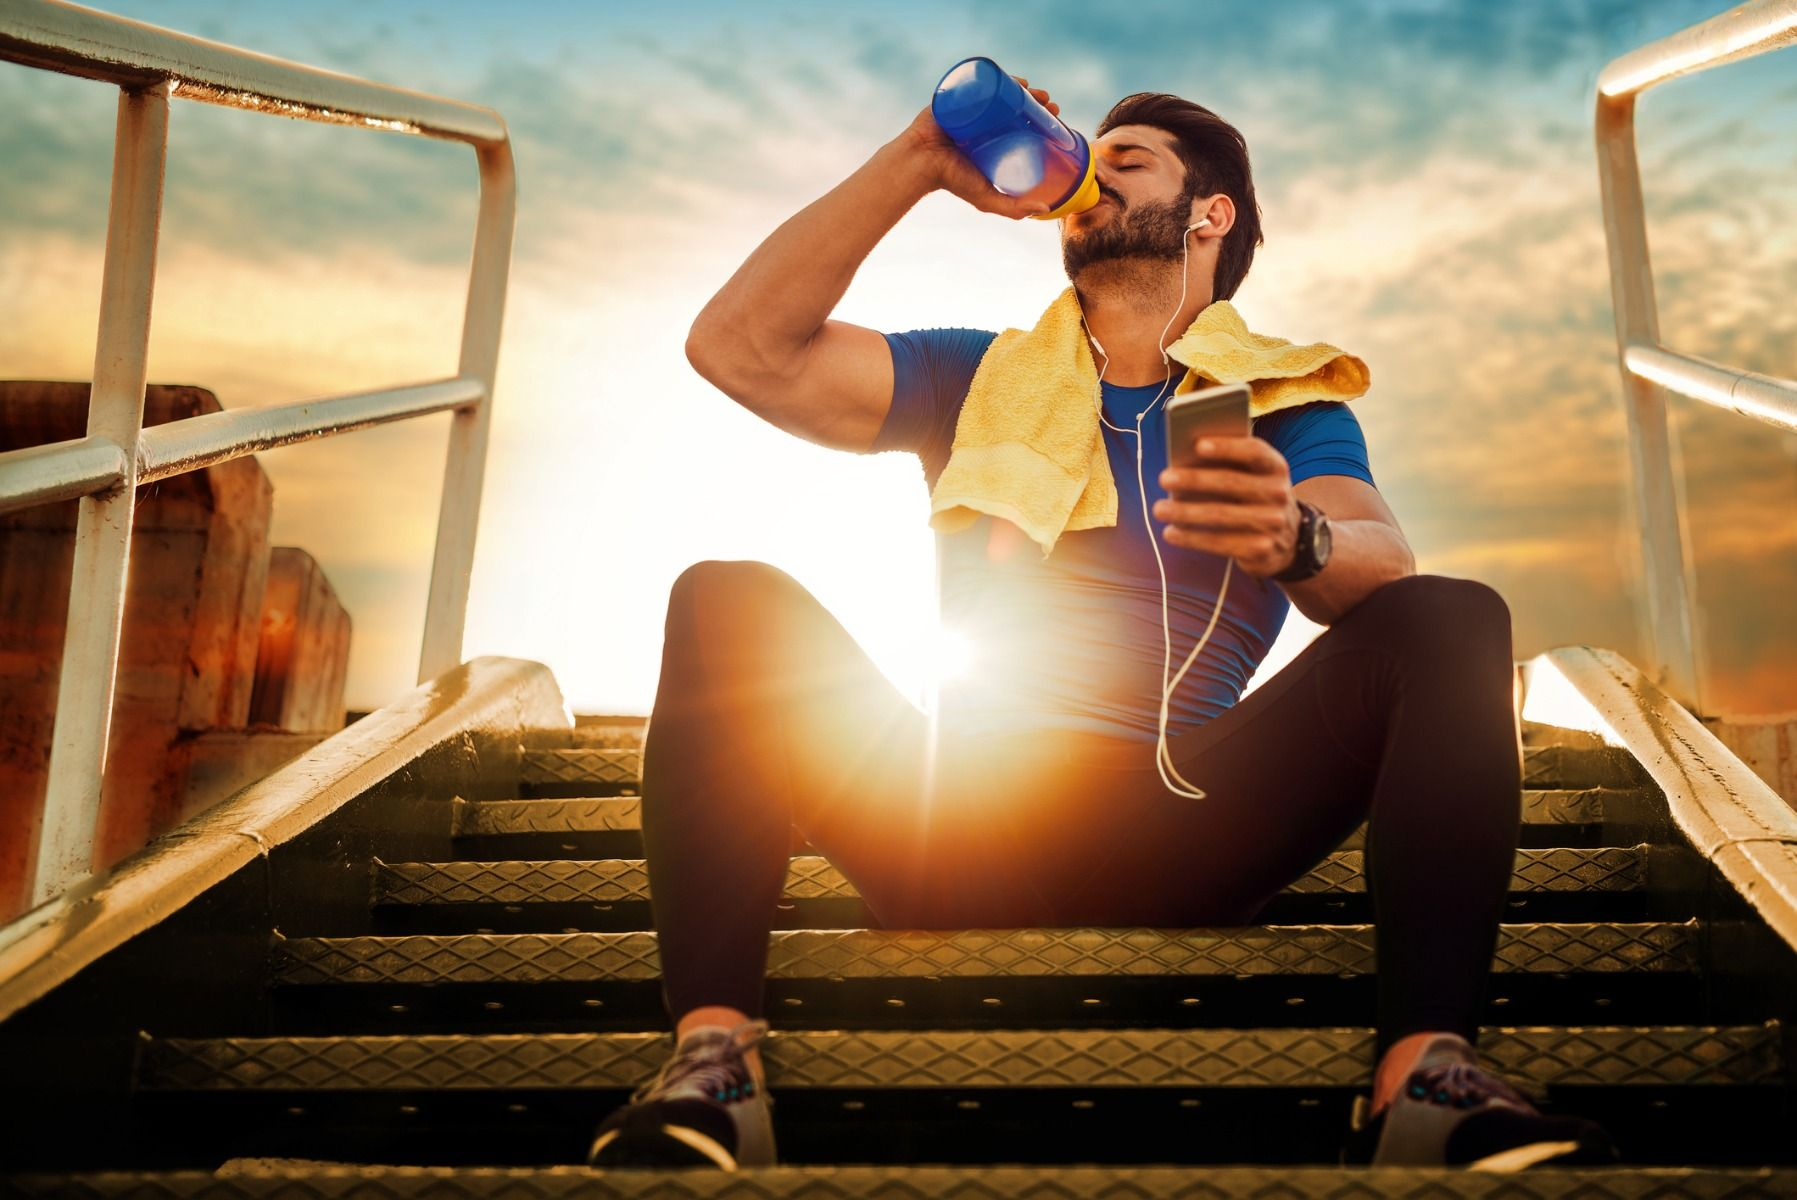 Ne essetek túlzásba a folyékony kalóriákkal – ez érvényes a fehérjés shake-kre is